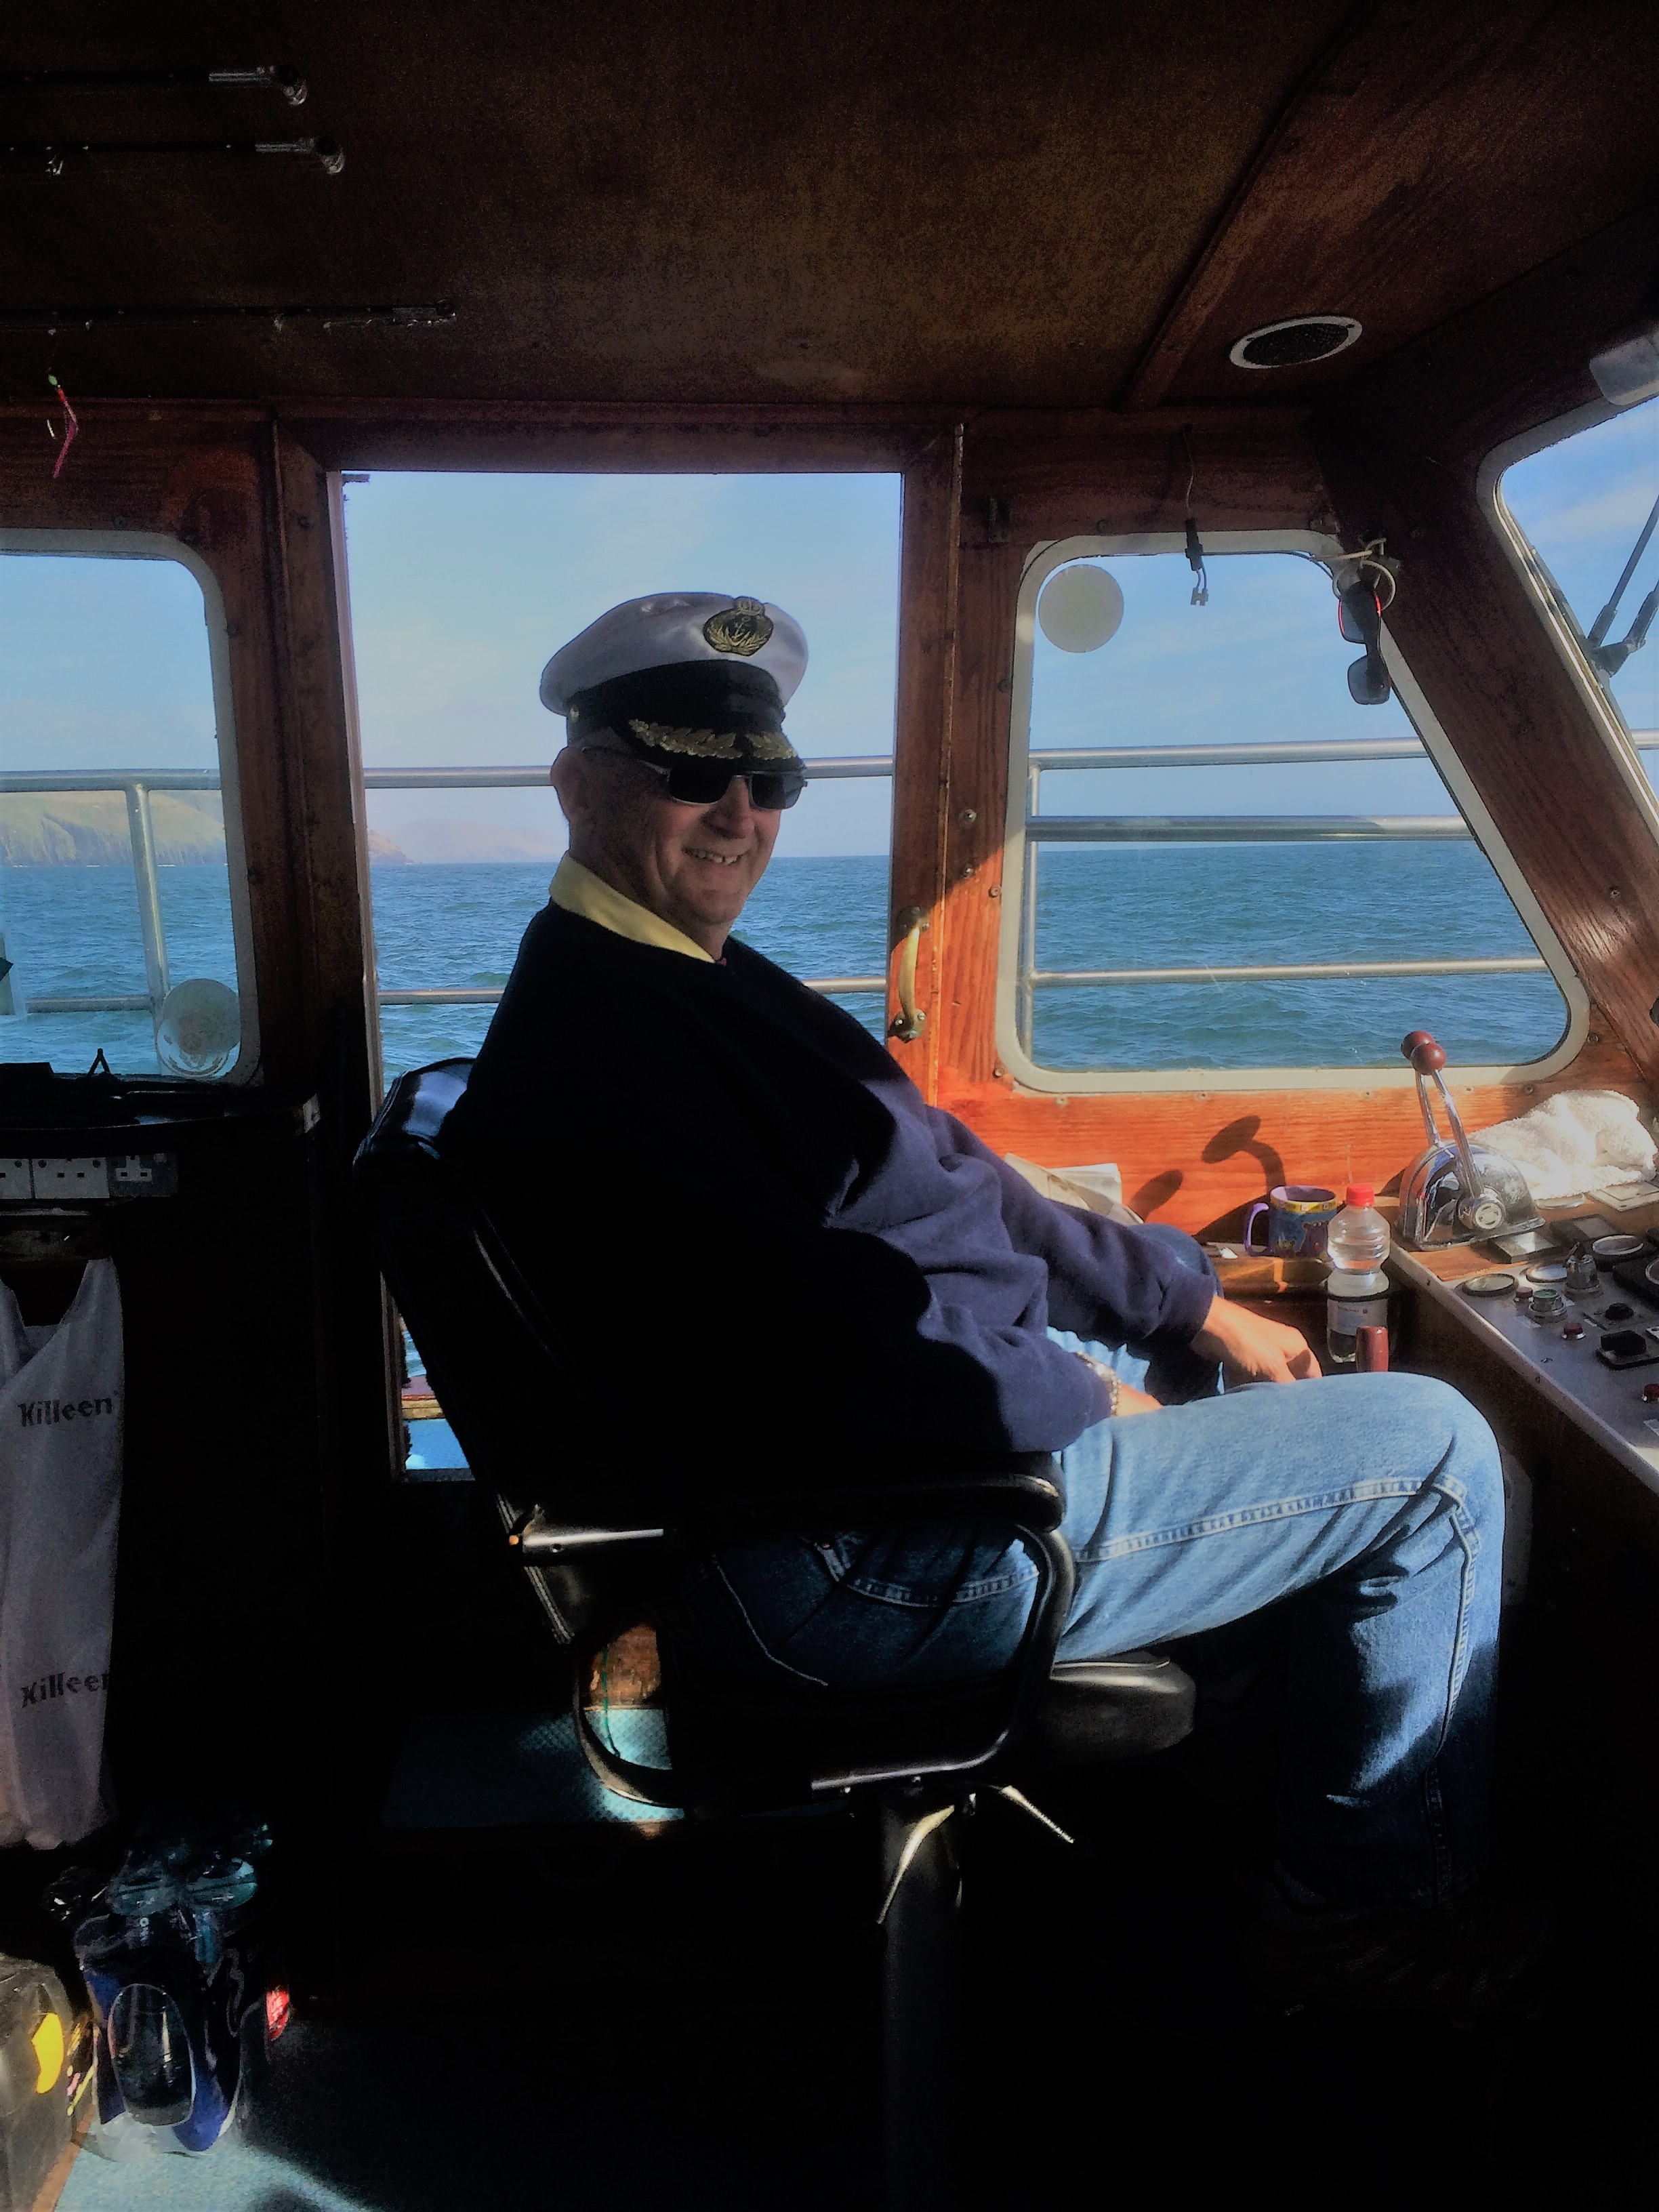 Capt Karylake US Coastguard (Ret)